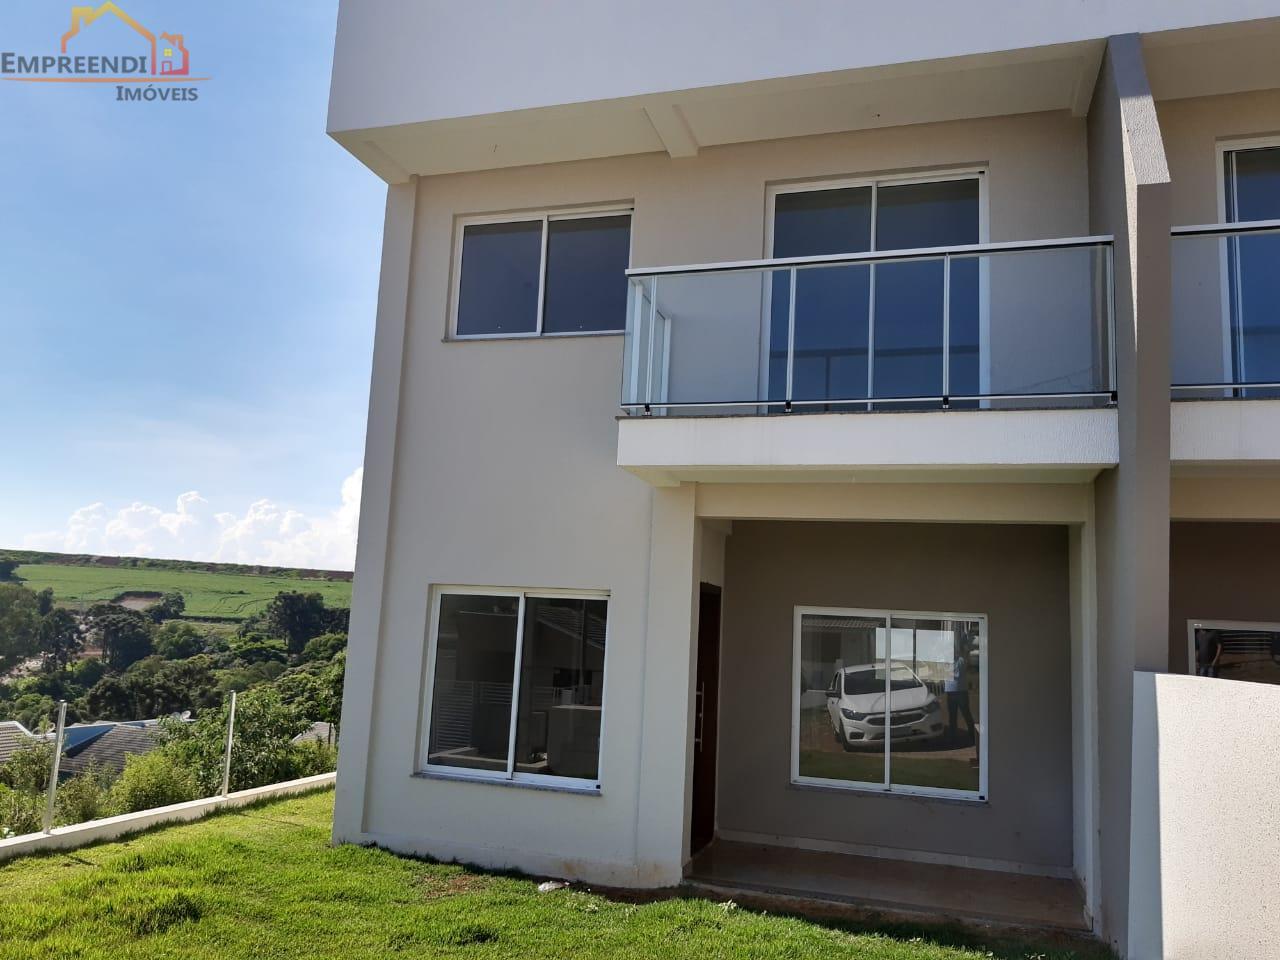 Sobrado com 3 dormitórios à venda, FRARON, PATO BRANCO - PR